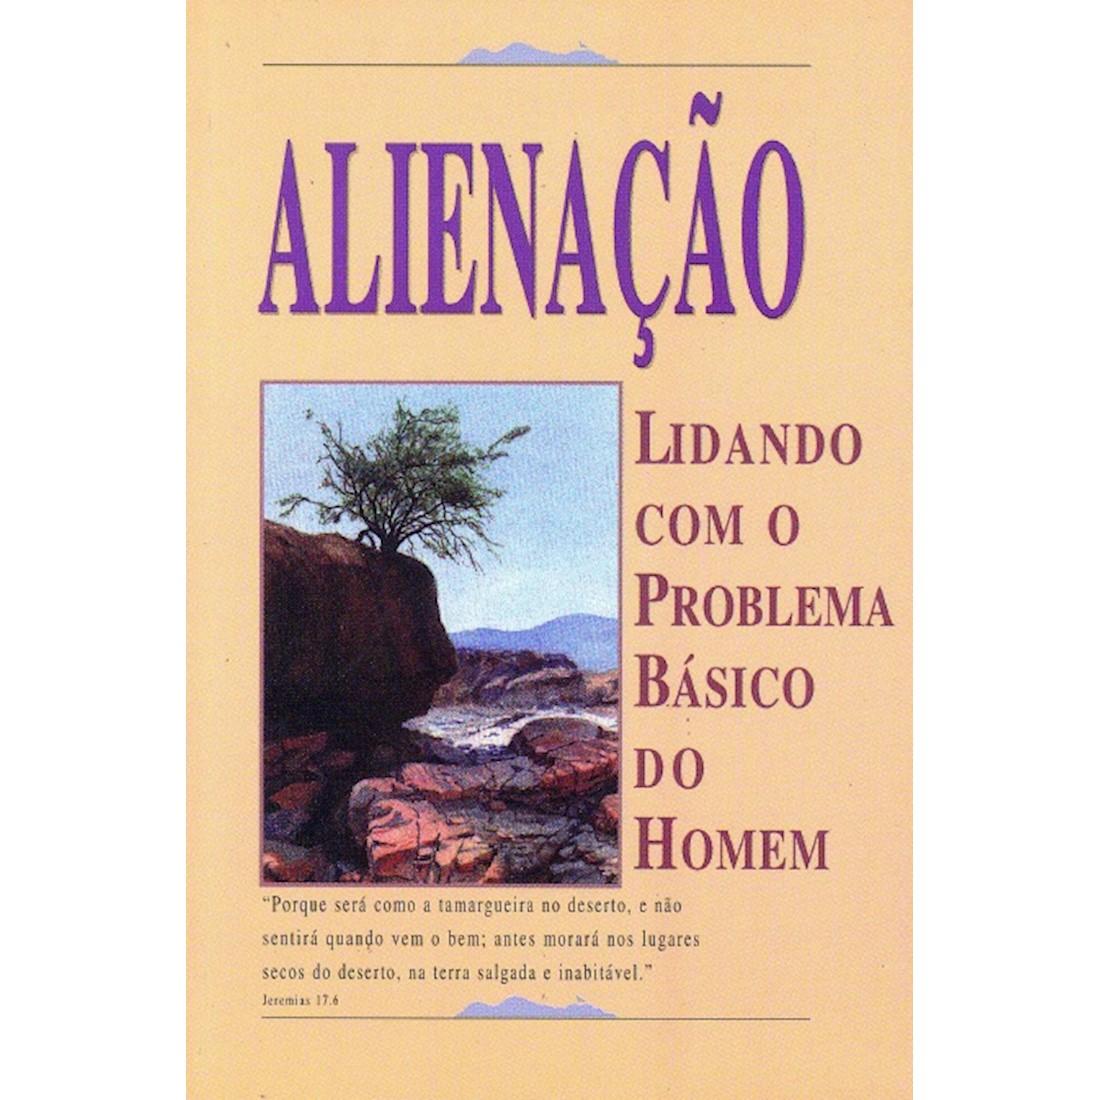 Livro Alienação